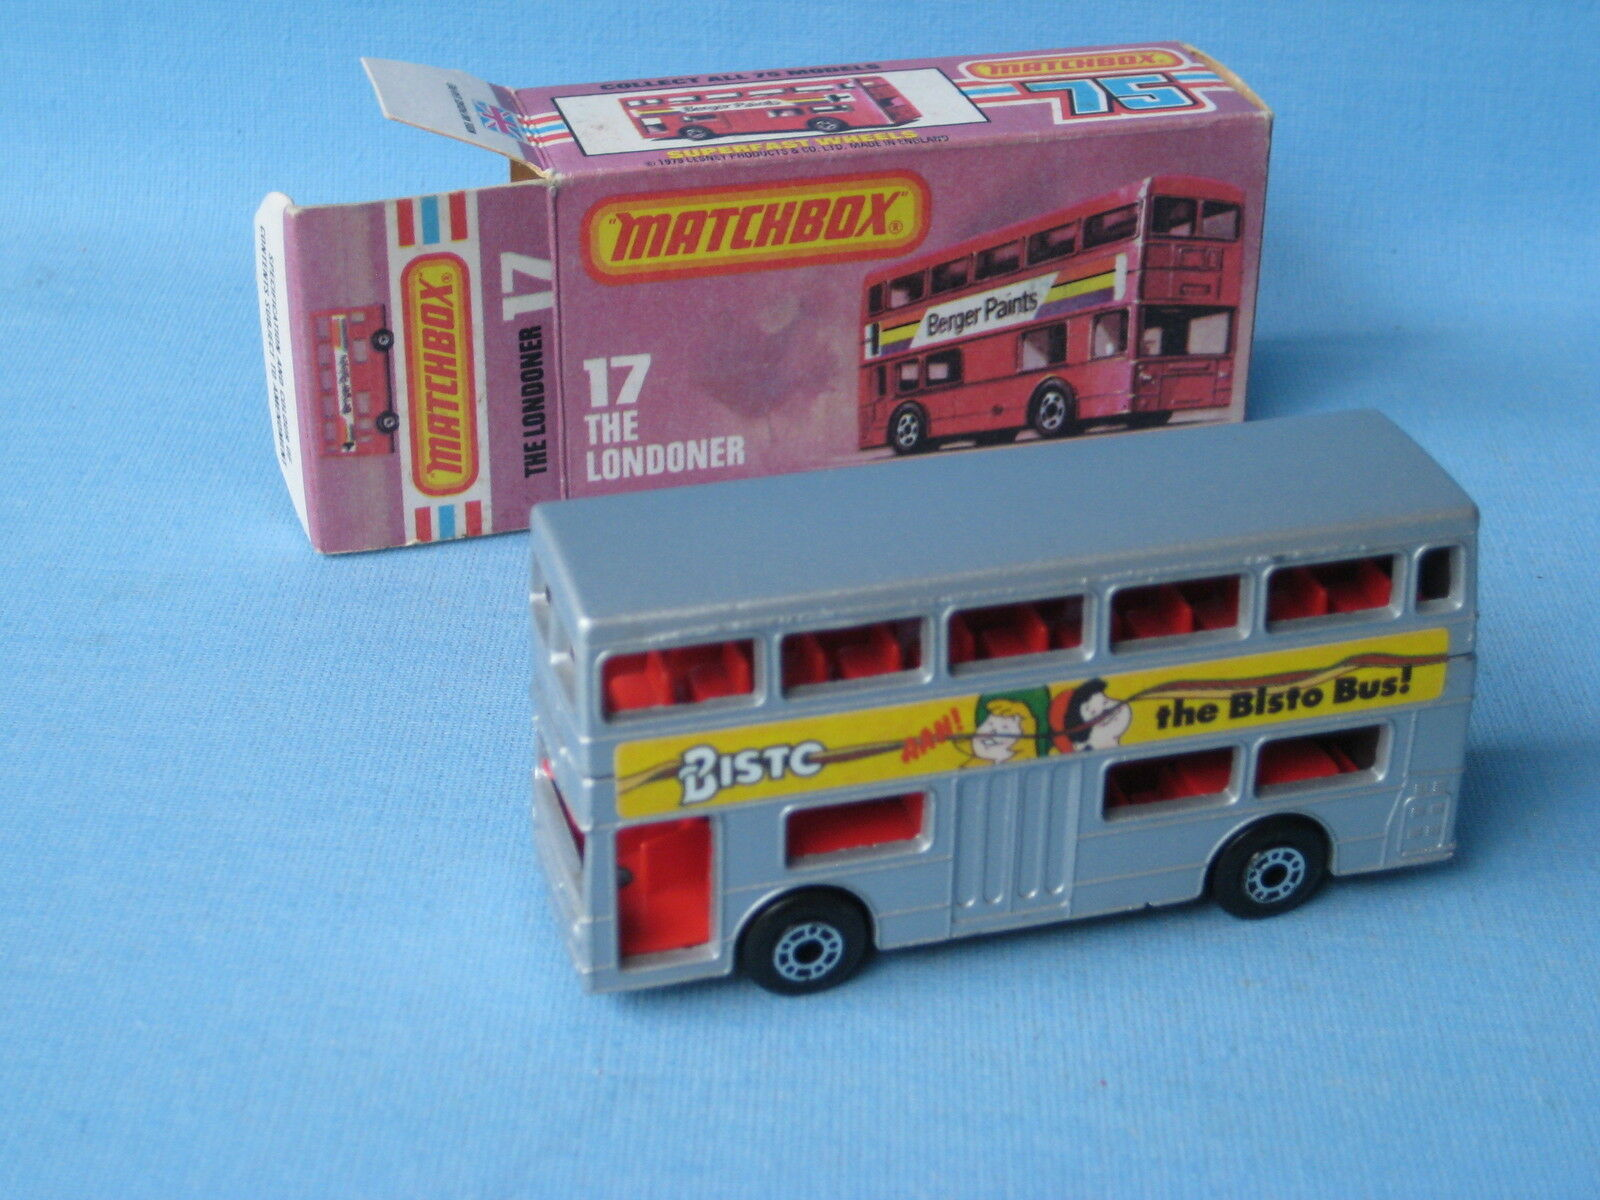 Matchbox SF-17 londinense Bus argento Cuerpo Bisto etiquetas Raro Y En Caja